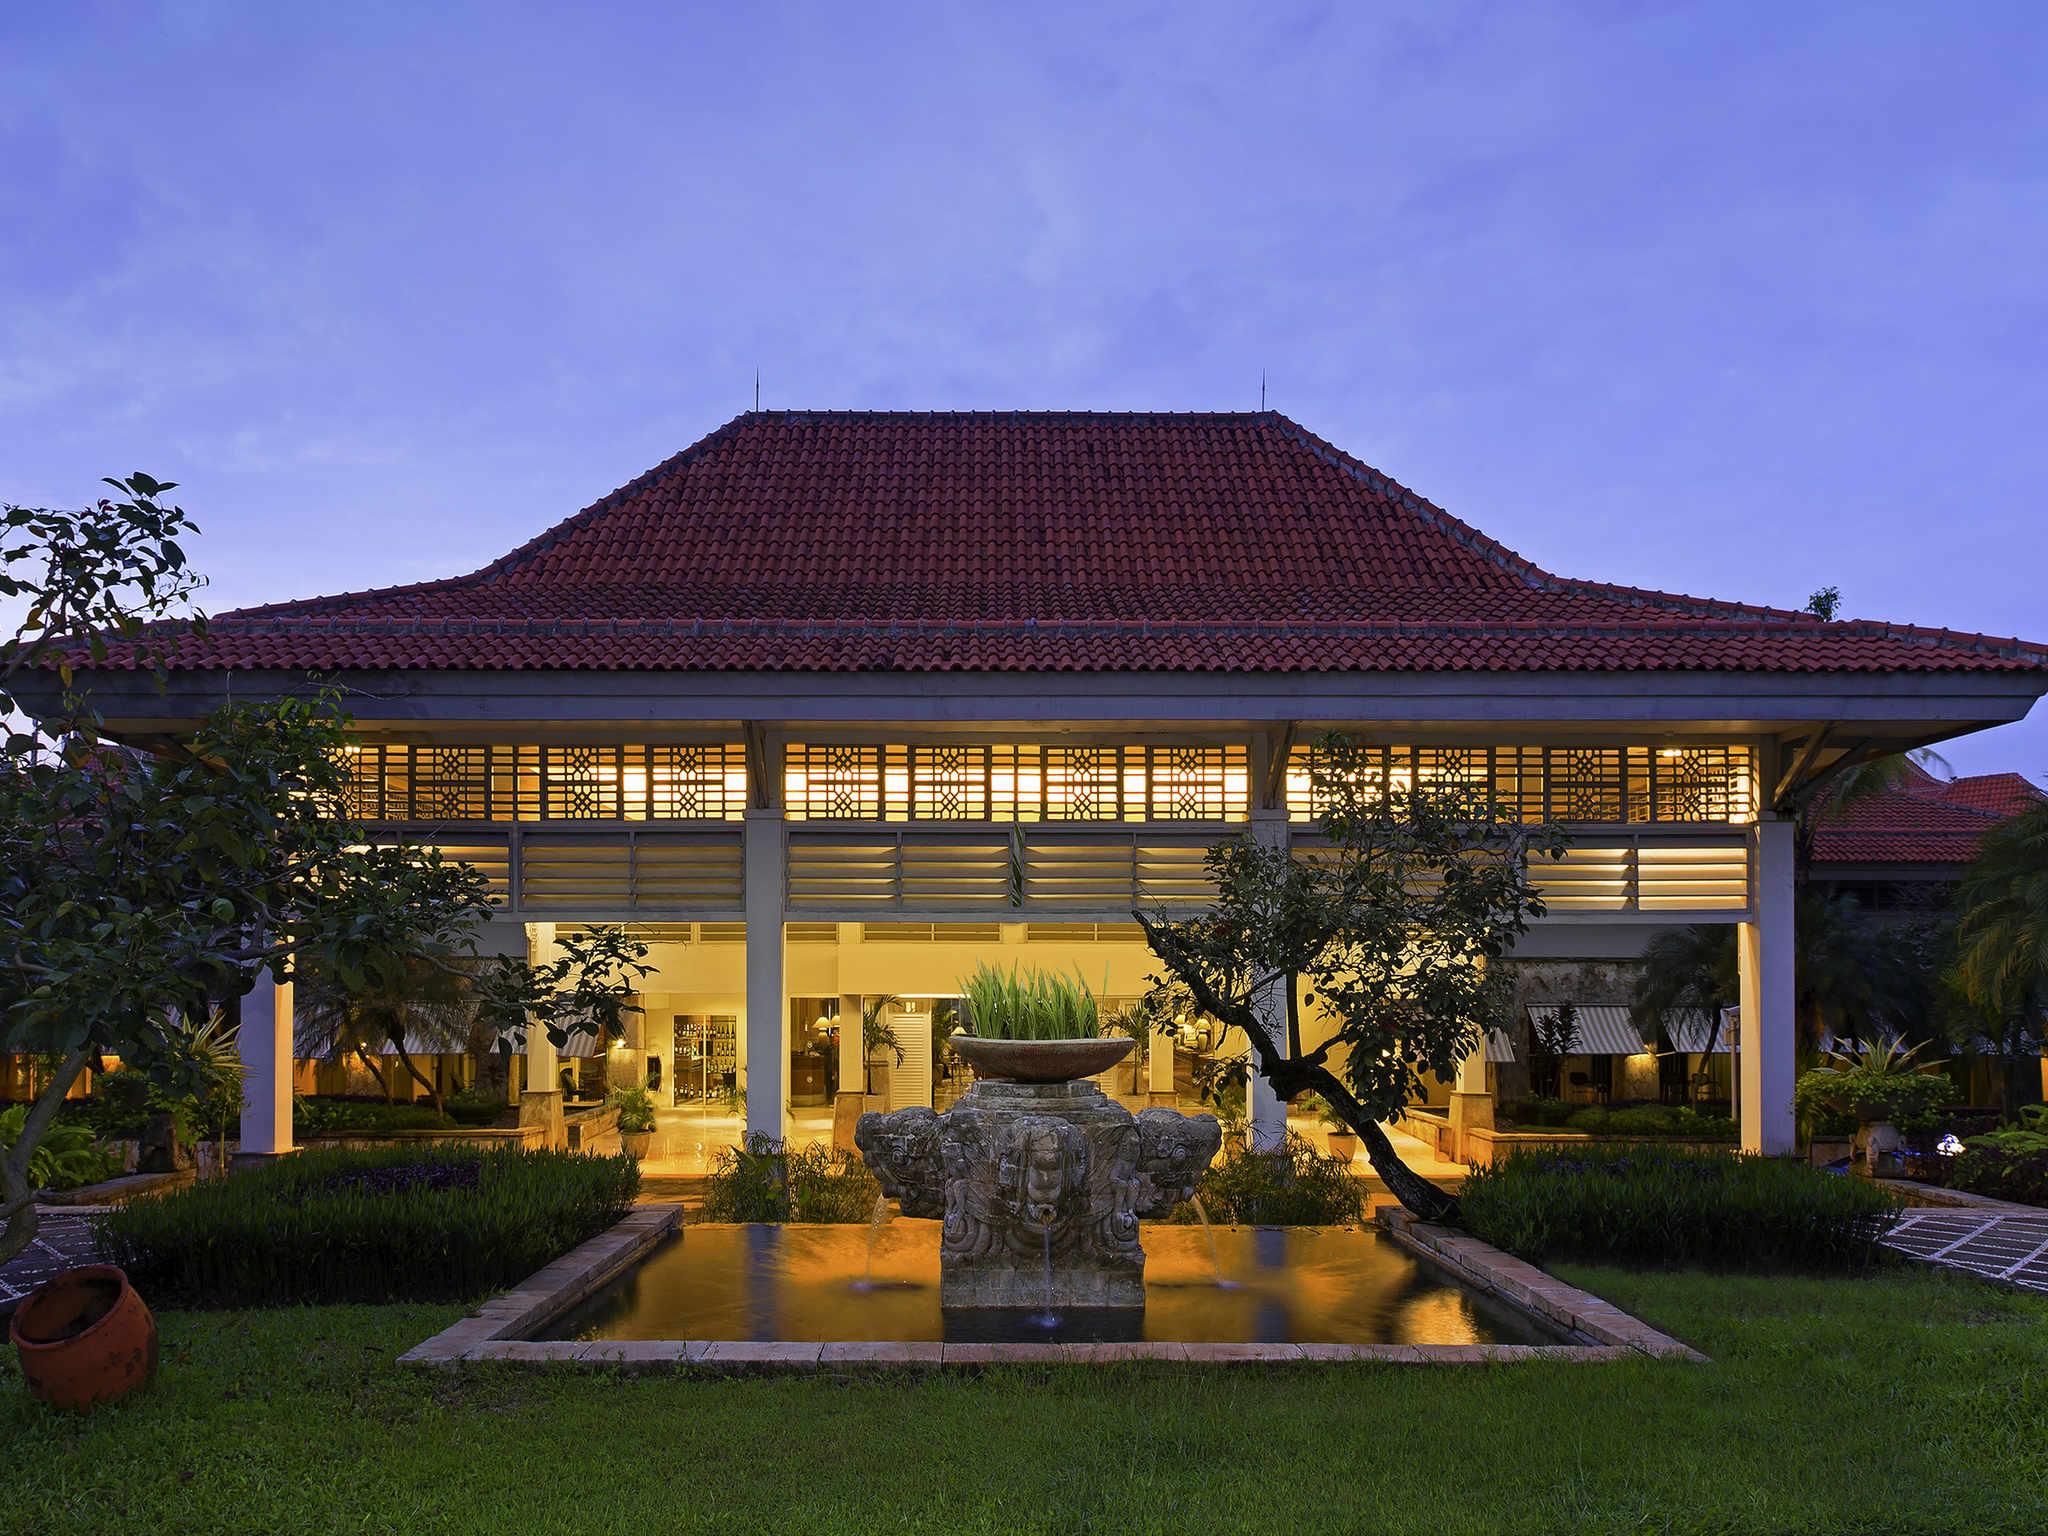 ホテル – バンダラ インターナショナル ホテル マネージド by アコーホテルズ